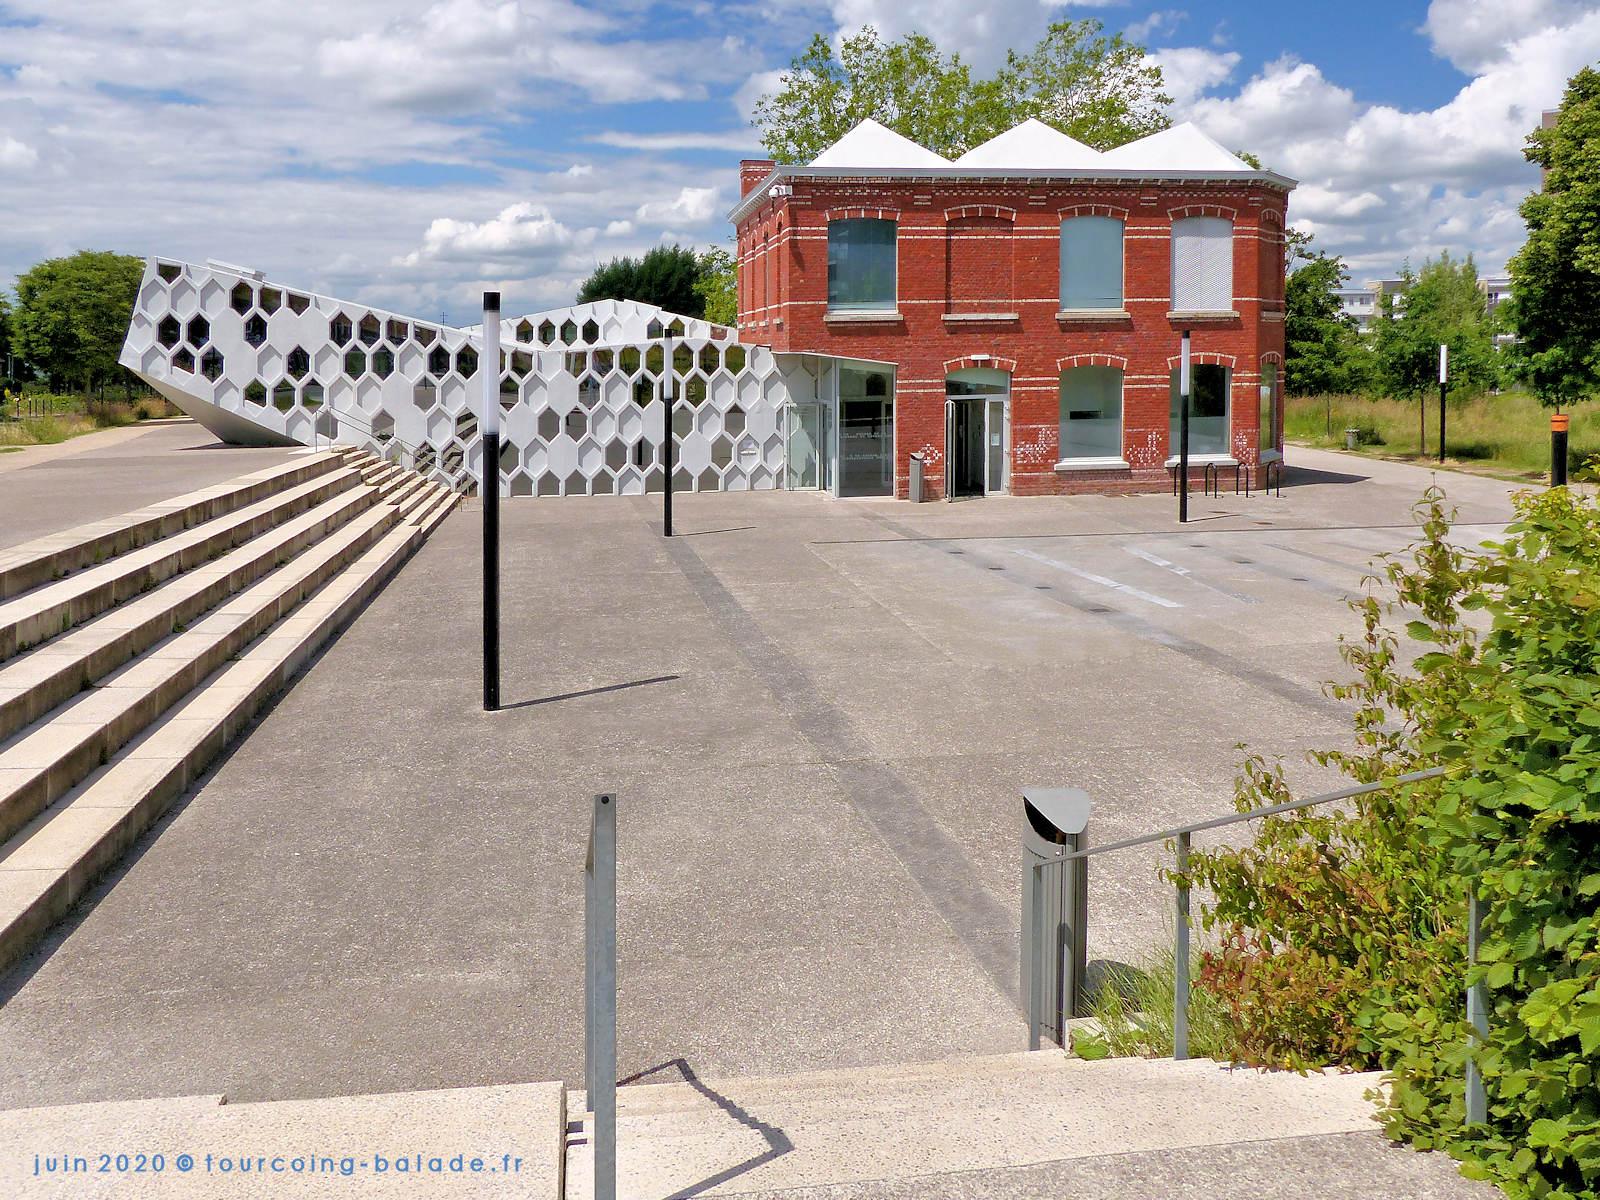 Parvis des Lettres, Médiathèque Chedid, Tourcoing 2020